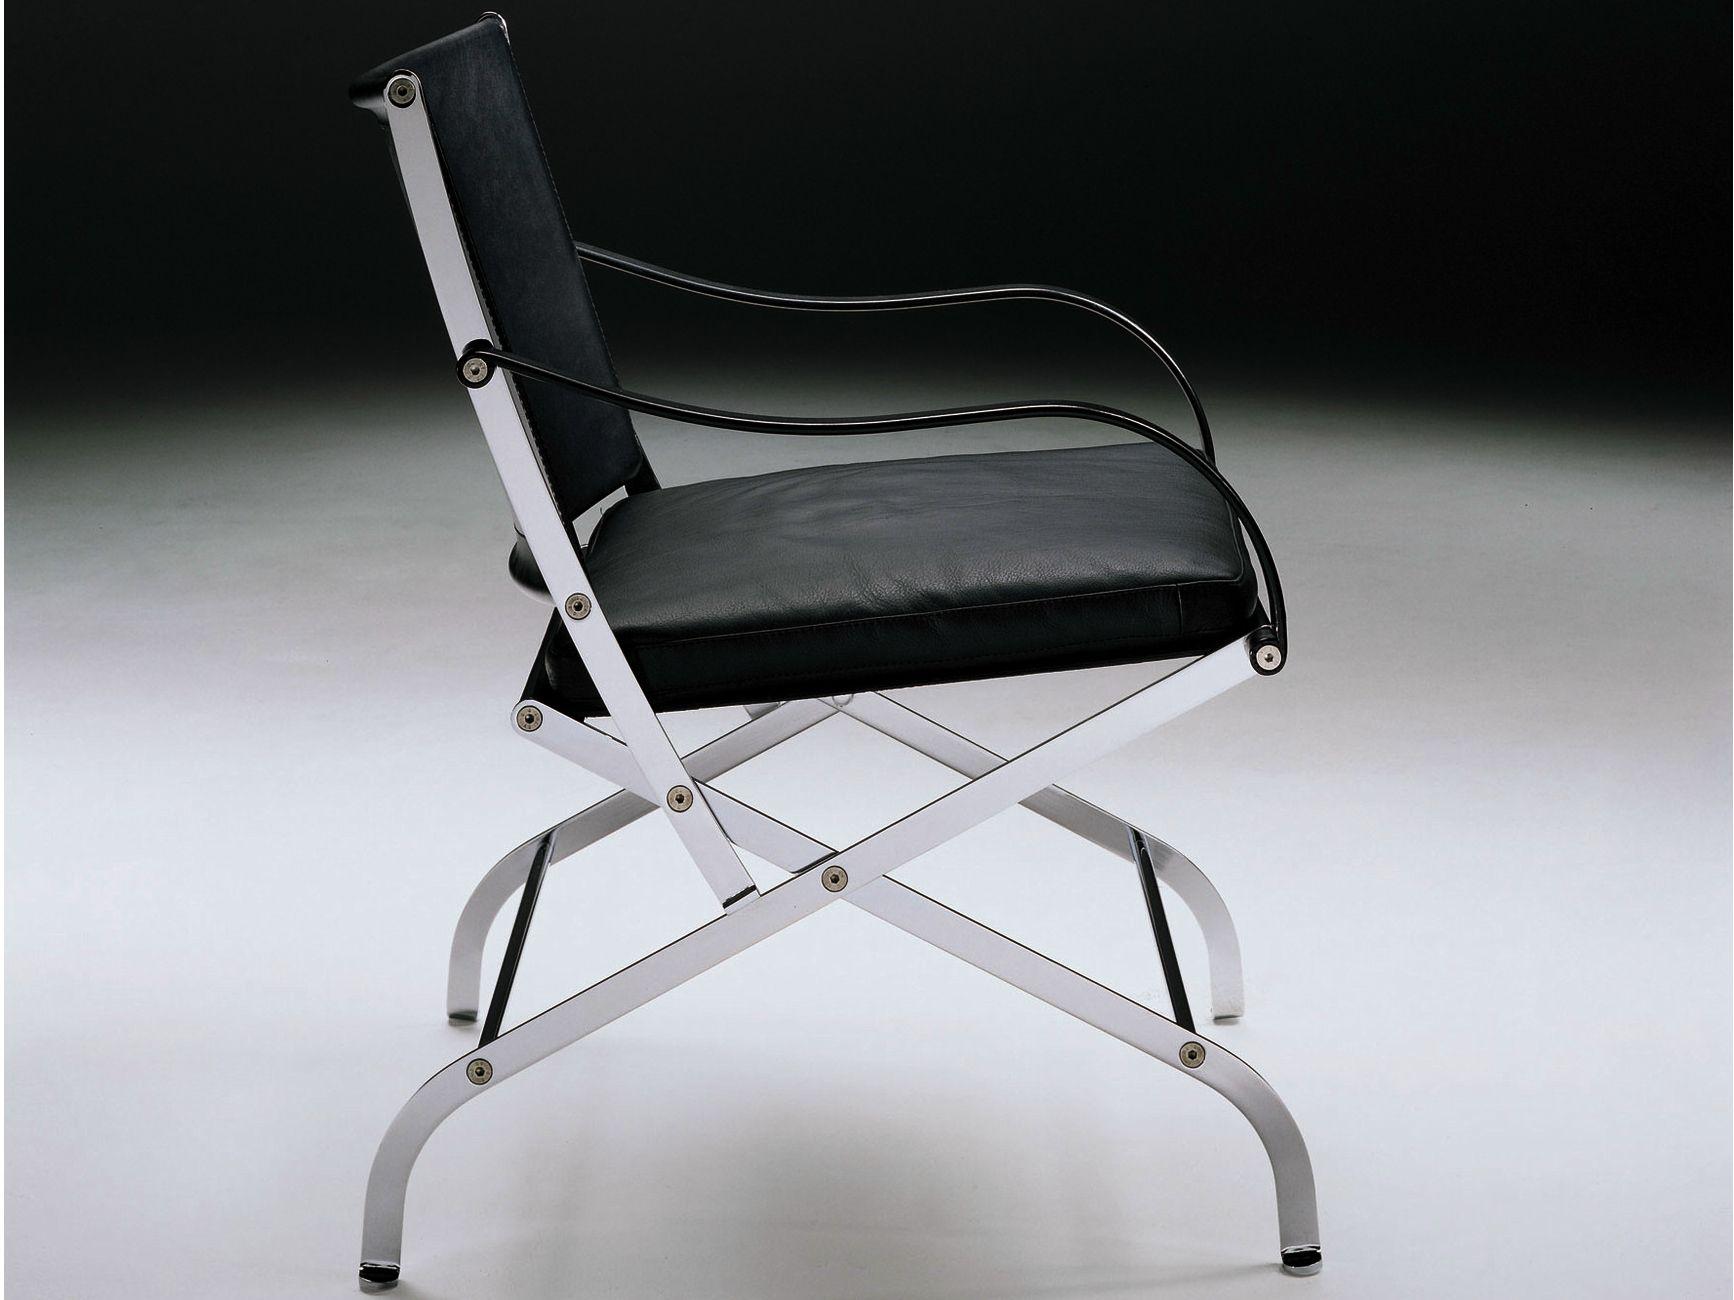 Carlotta sedia con braccioli by flexform design antonio for Sedia design pieghevole